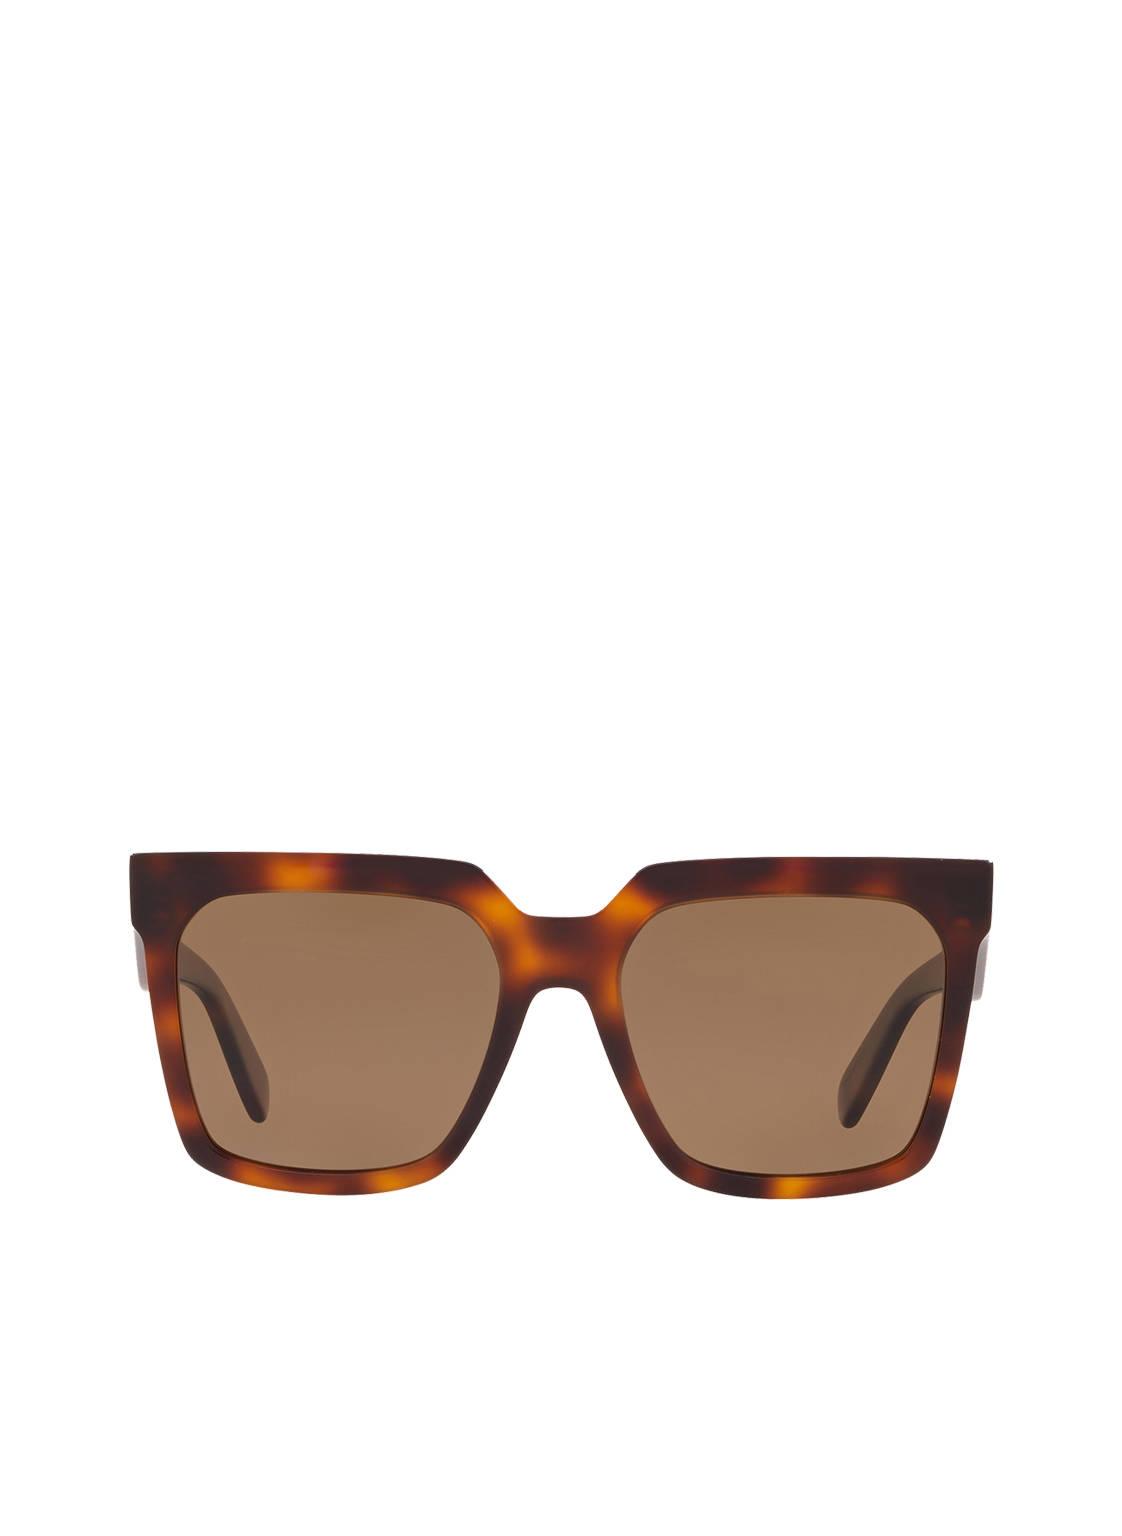 Accessoires Sonnenbrille CL000215 von CELINE